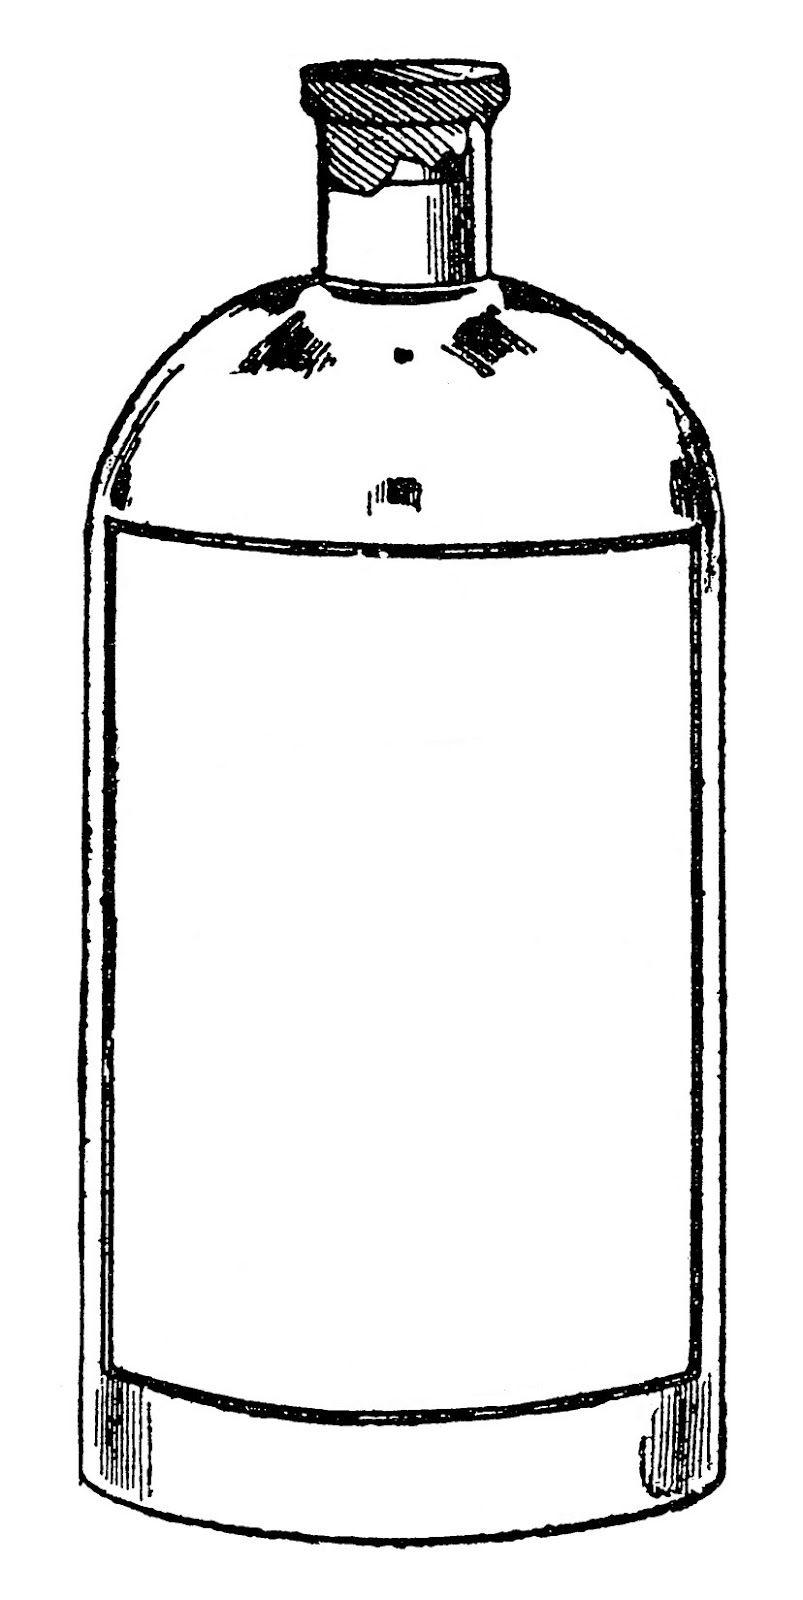 Bottle clipart. Potion clip art black